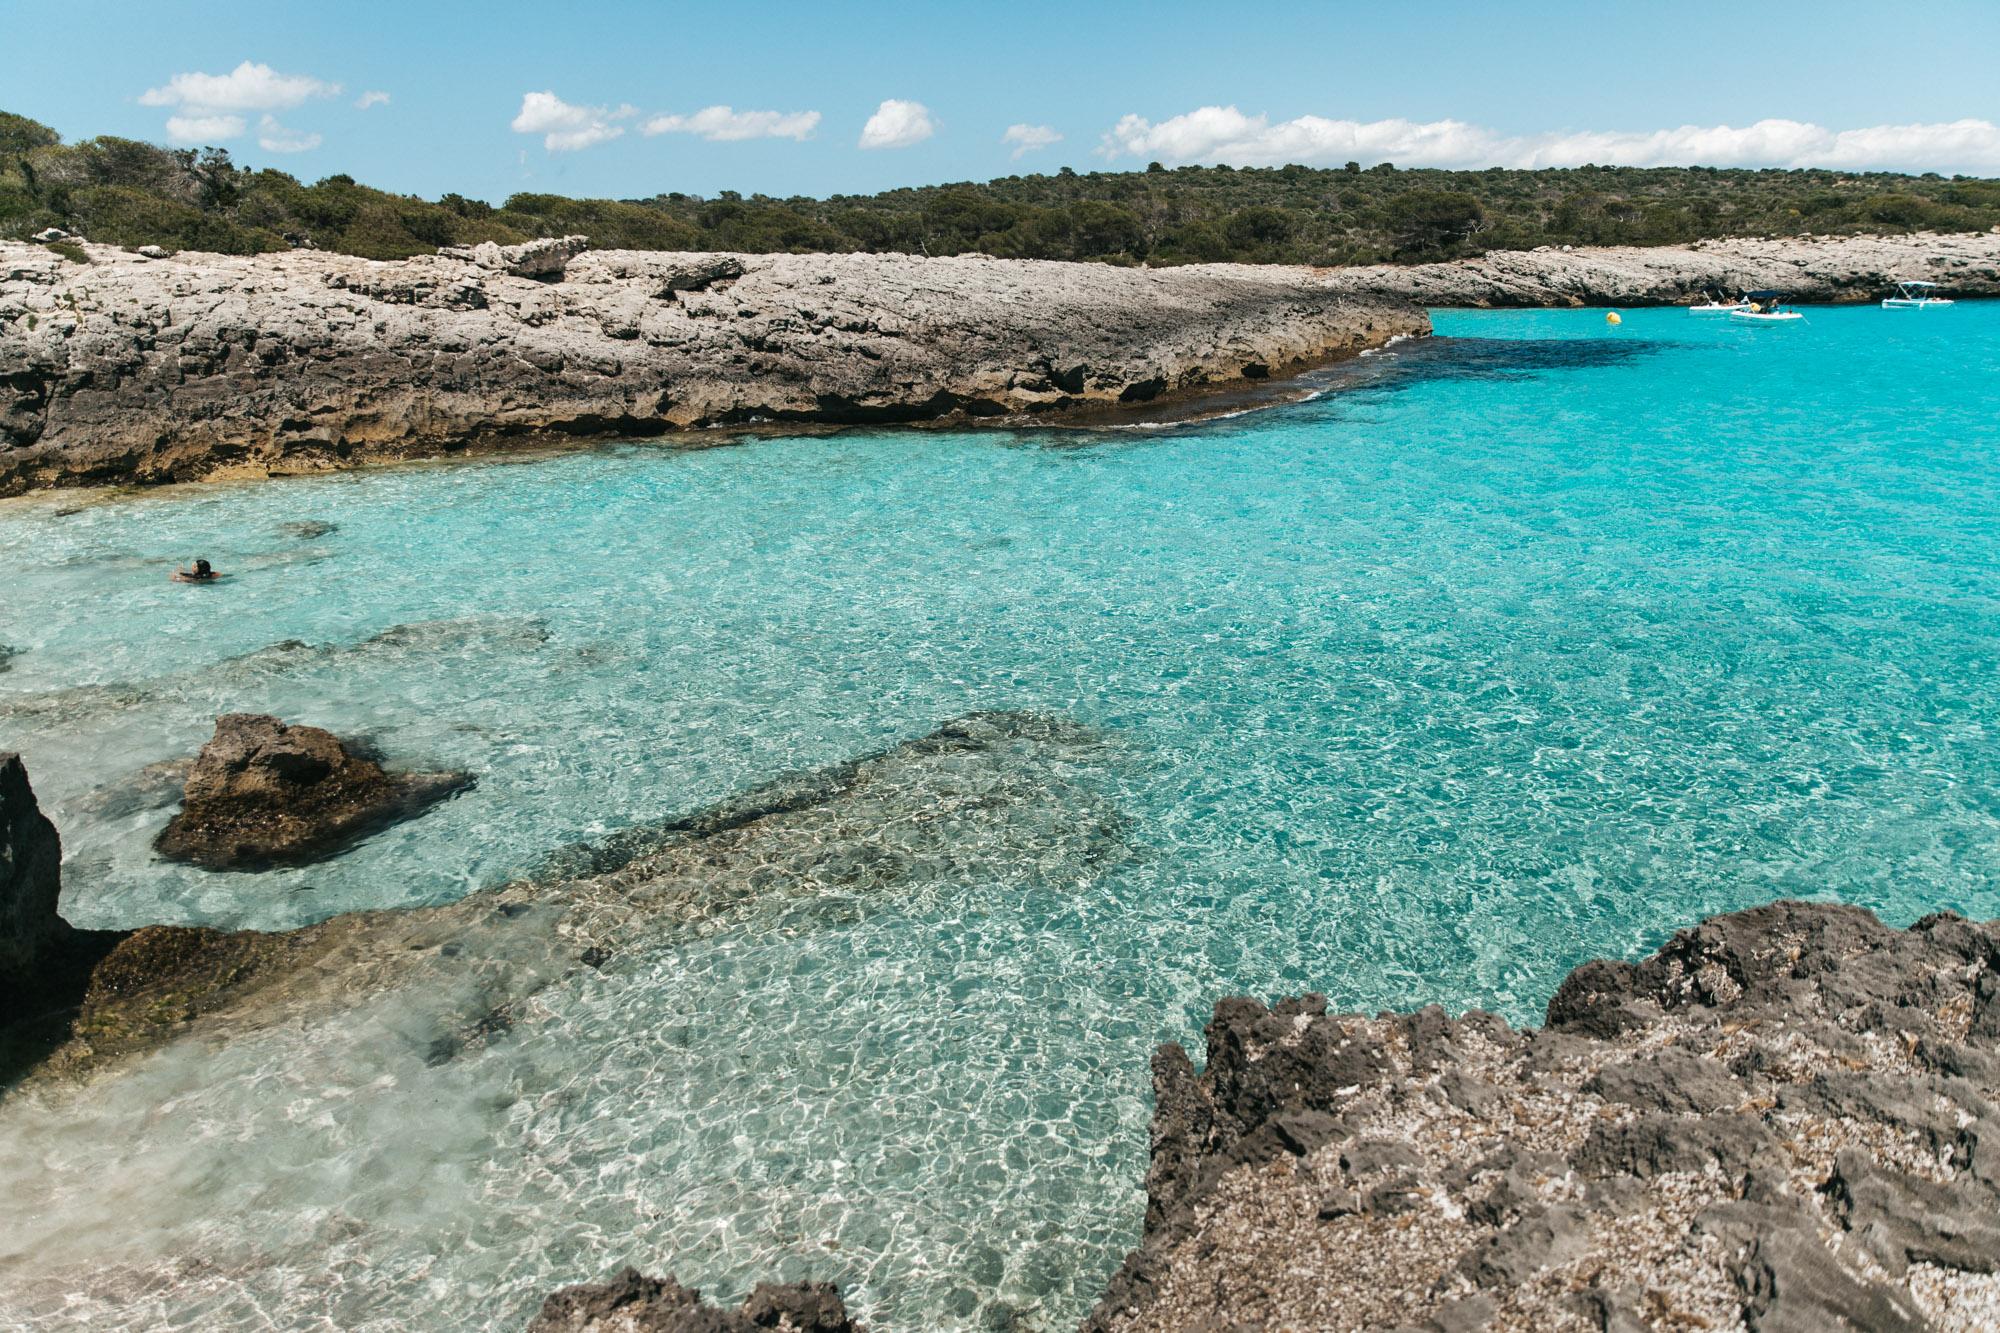 MenorcaBlog_HBGOODIE2018 (23 of 64).jpg